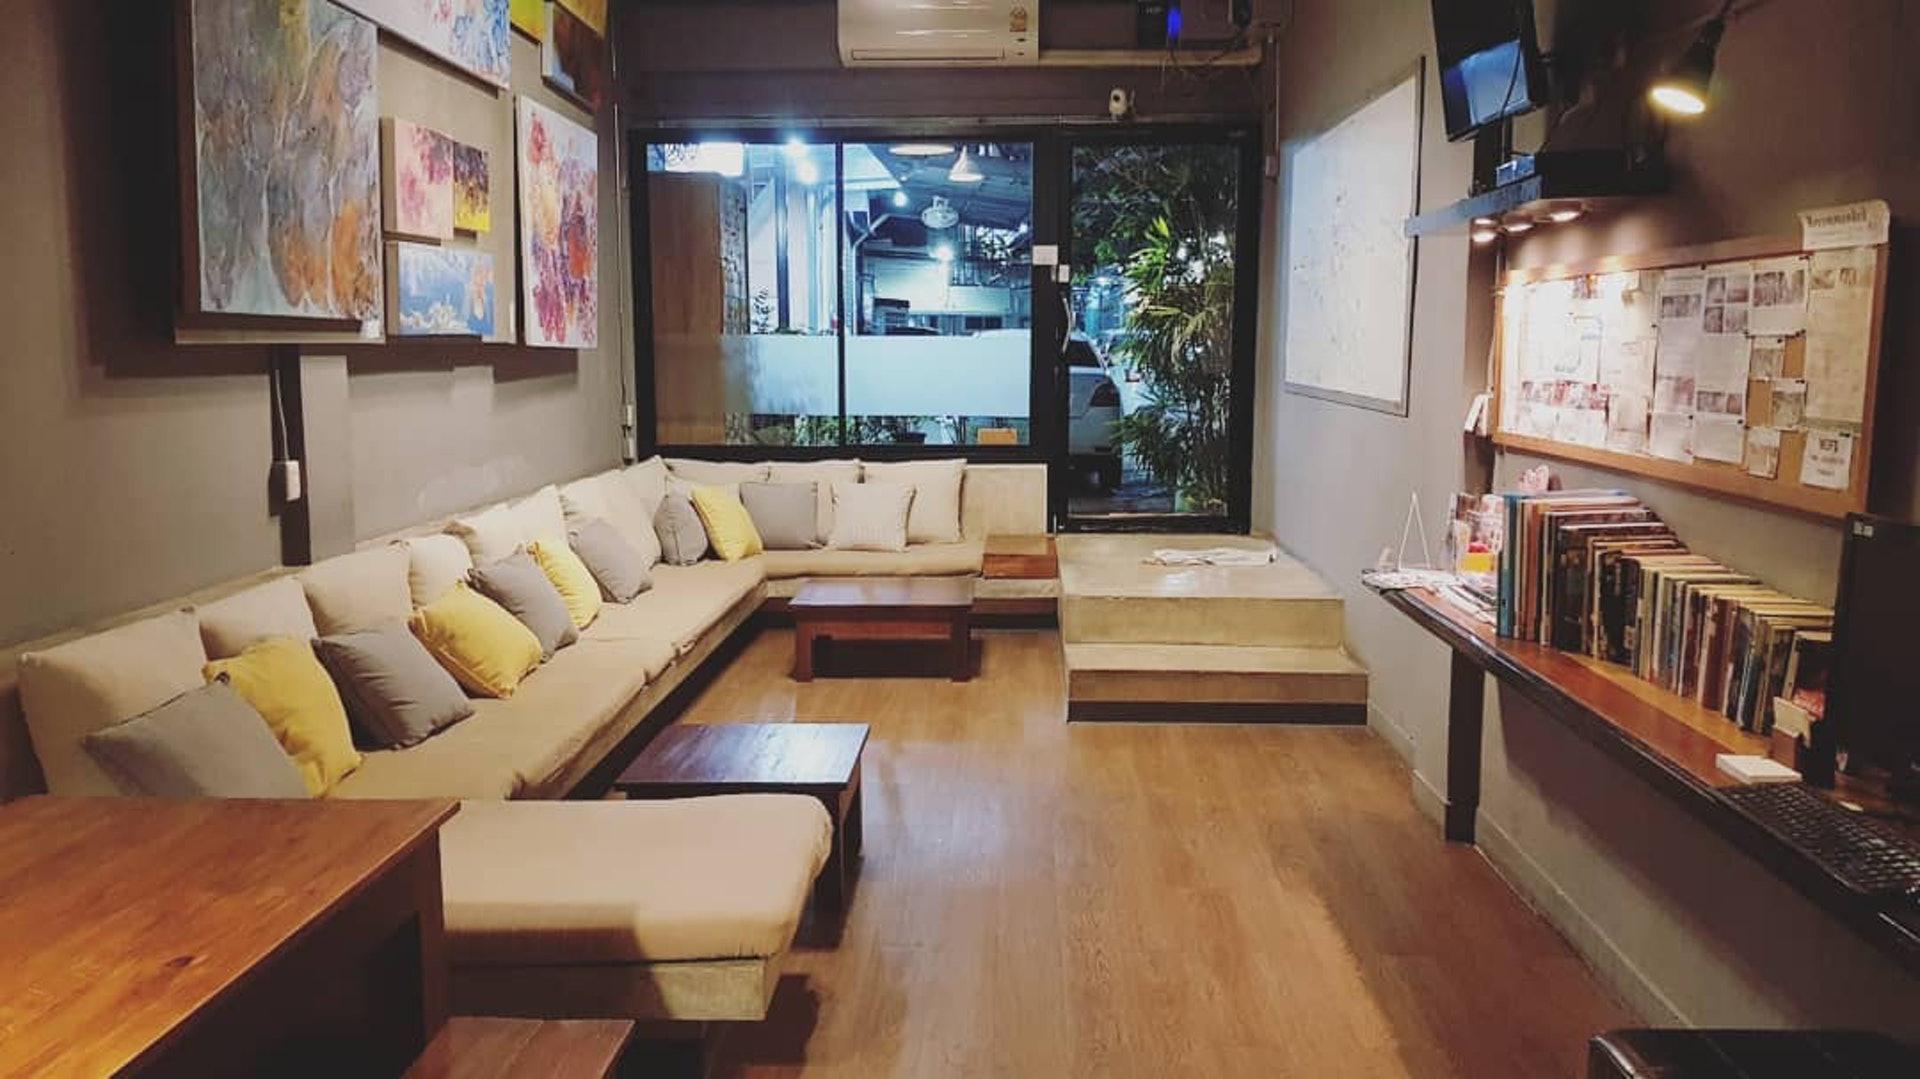 箱內背包客旅館 (In a Box Hostel)-公共空間超正的曼谷住宿(Instagram@arthur986)